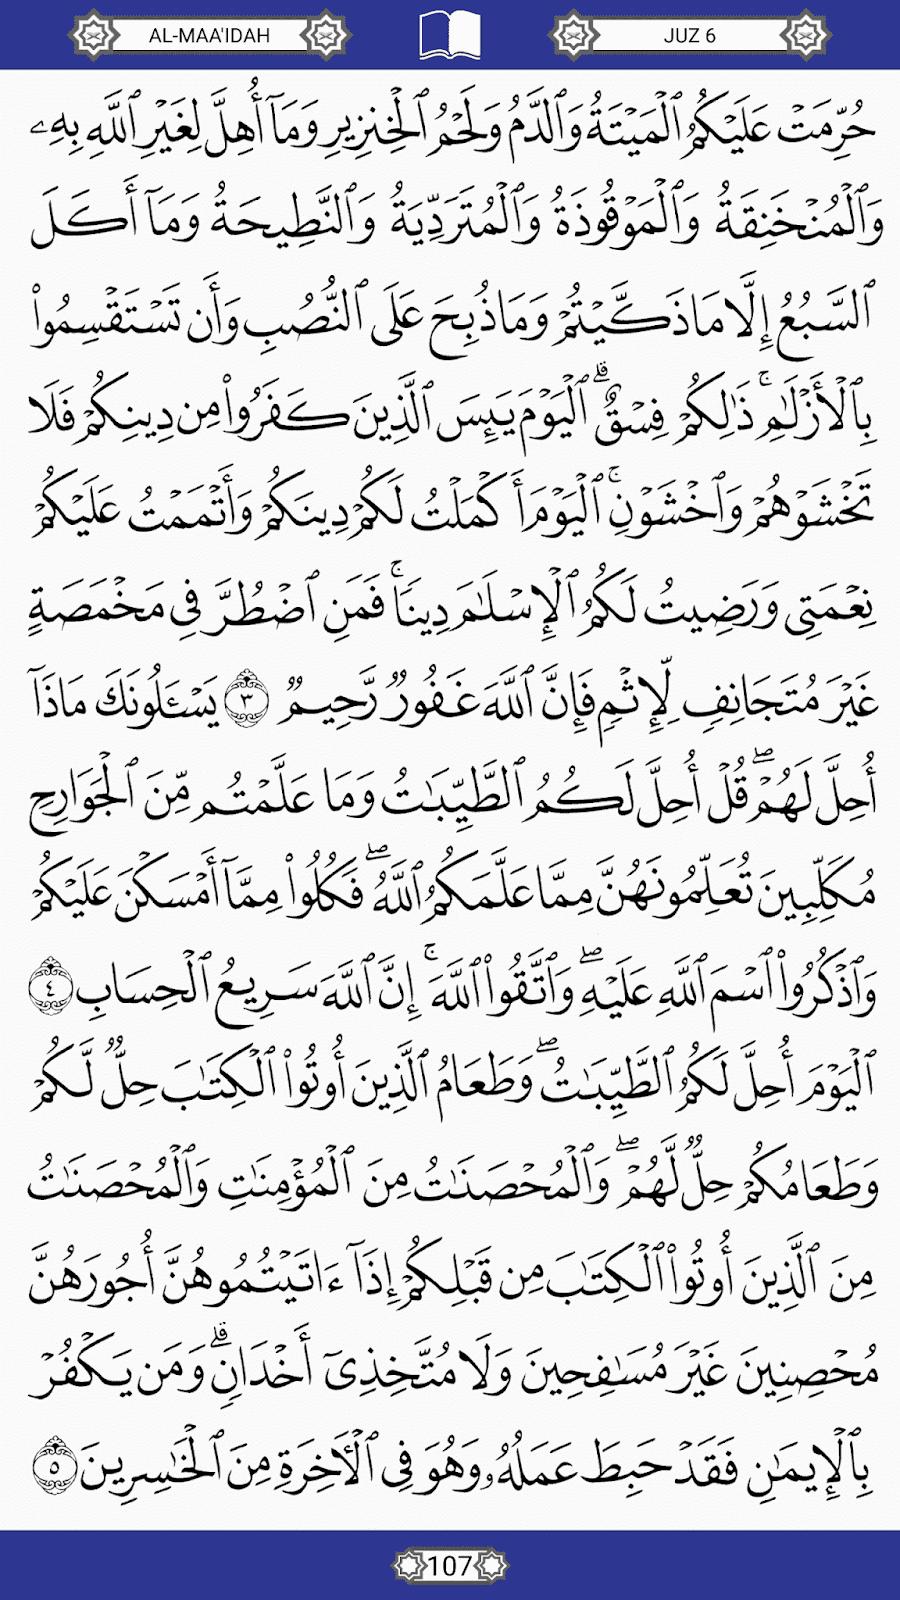 surah al maidah ayat 1 dan 2